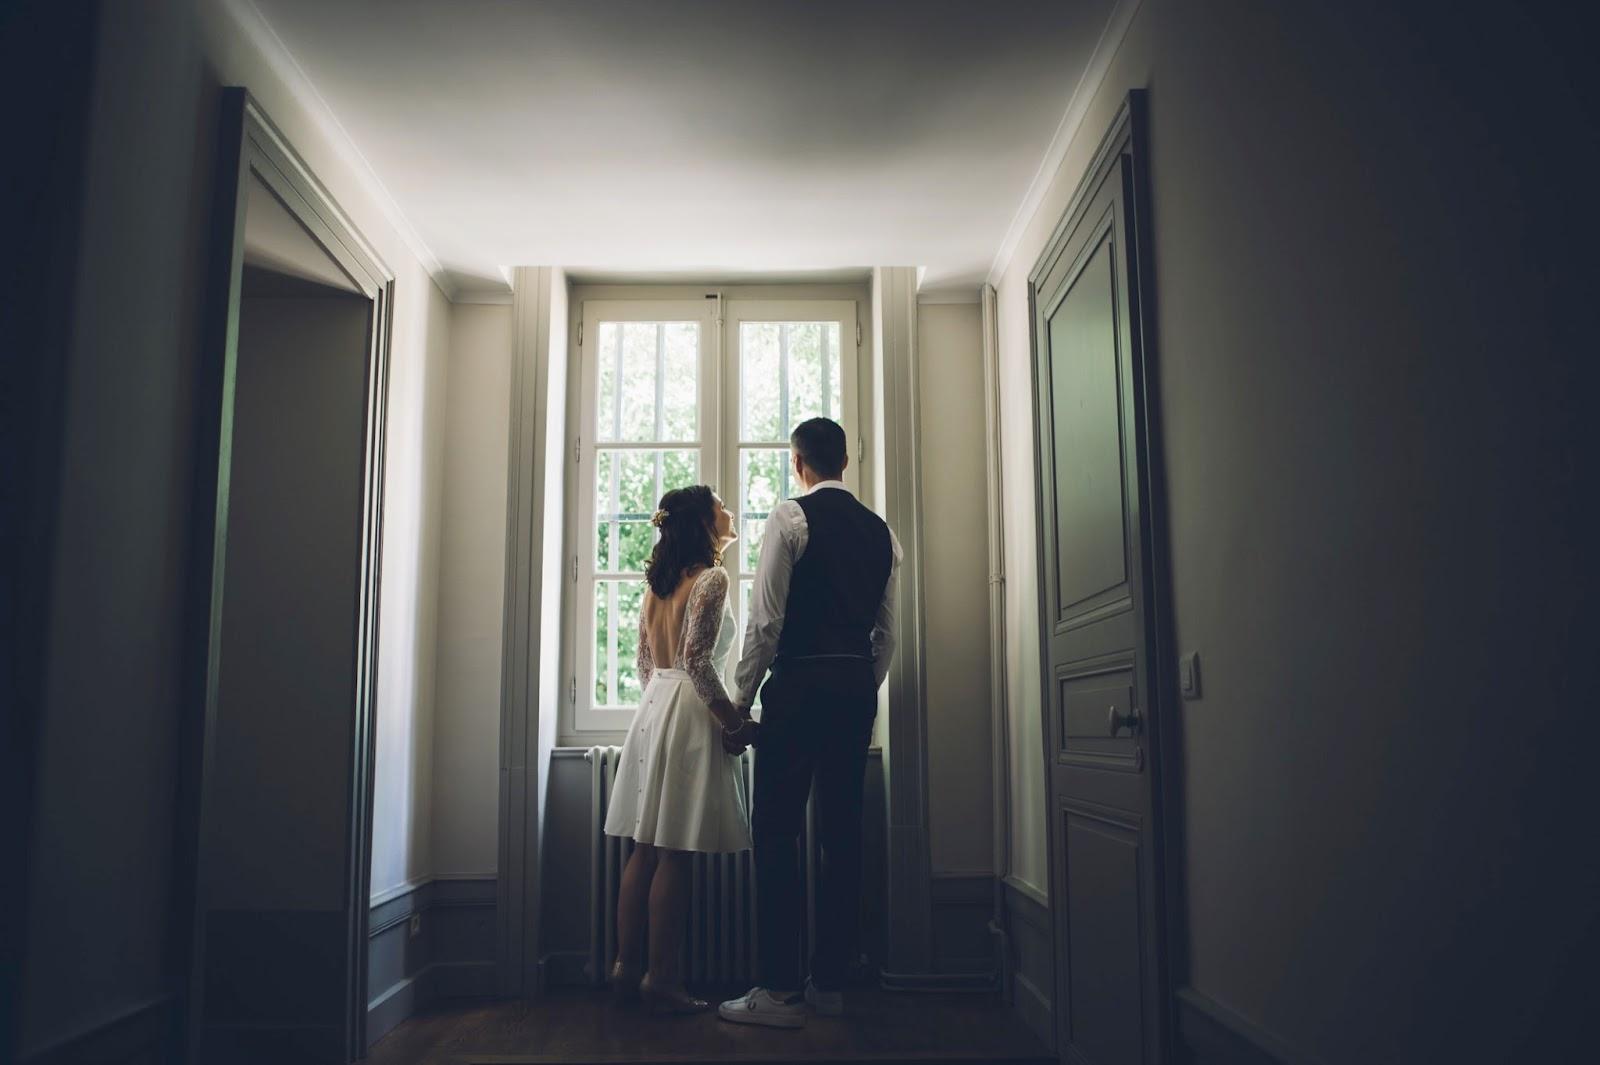 Photographe mariage Lyon Roanne Domaine de vavril beaujolais X-PRO2